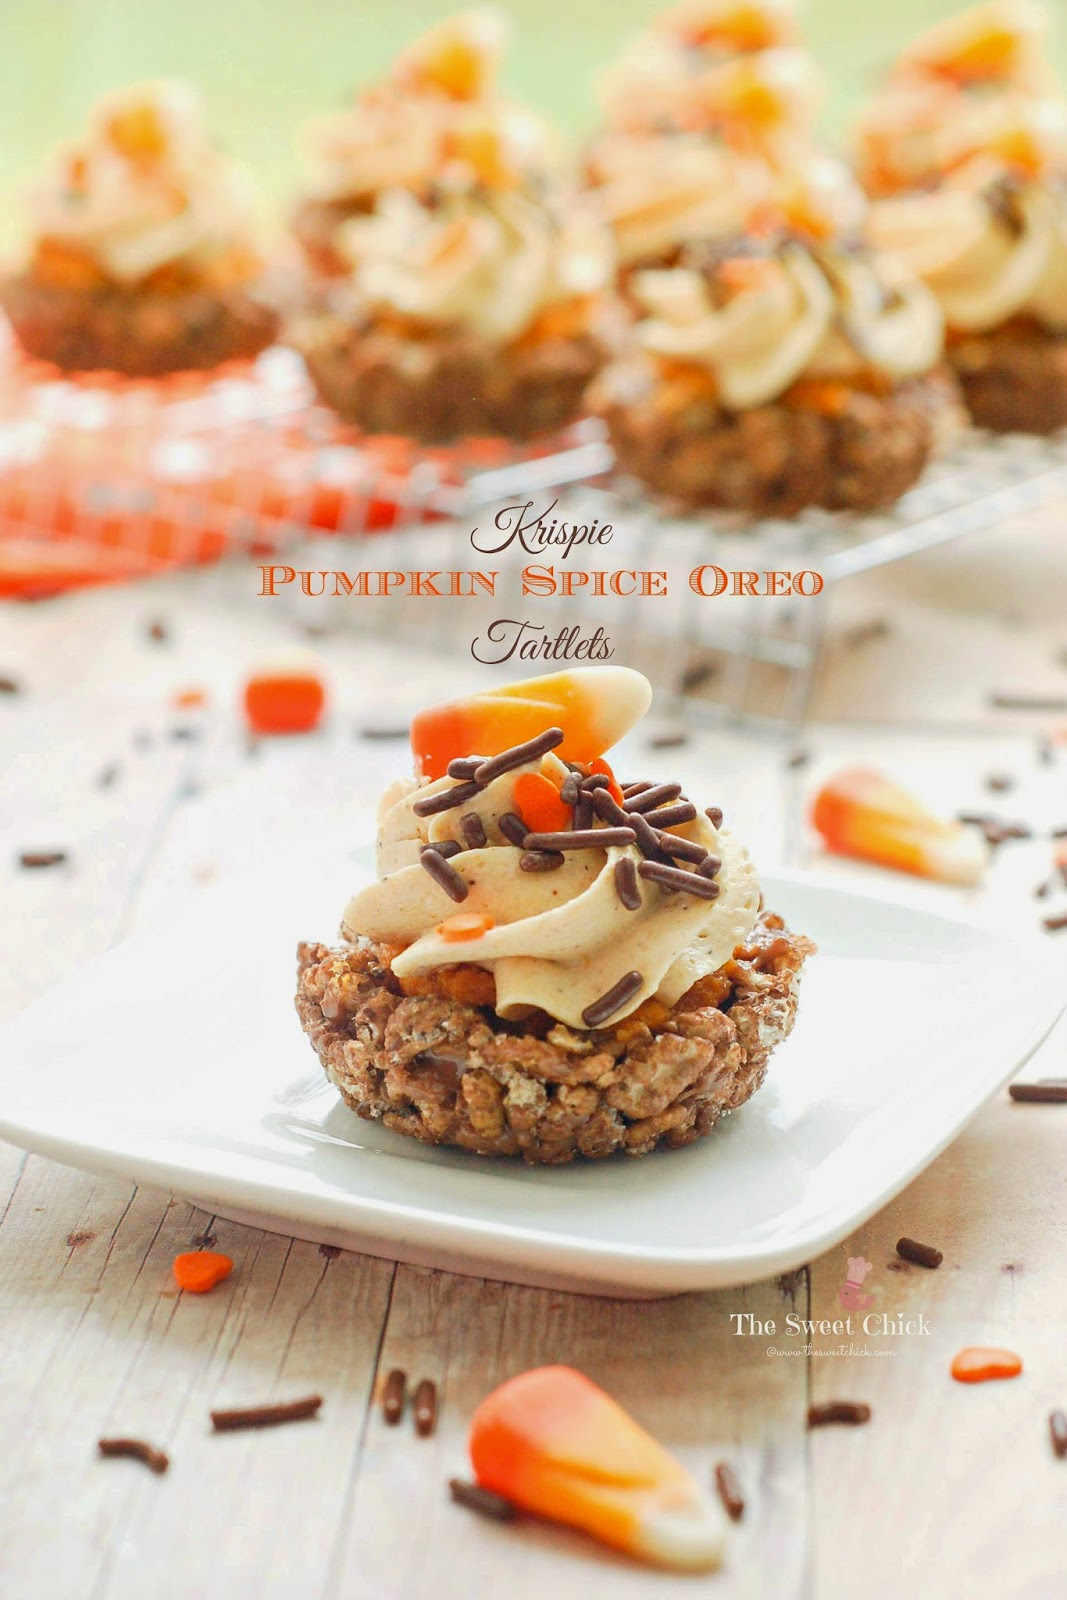 Krispie Pumpkin Spice Oreo Tartlets by The Sweet Chick